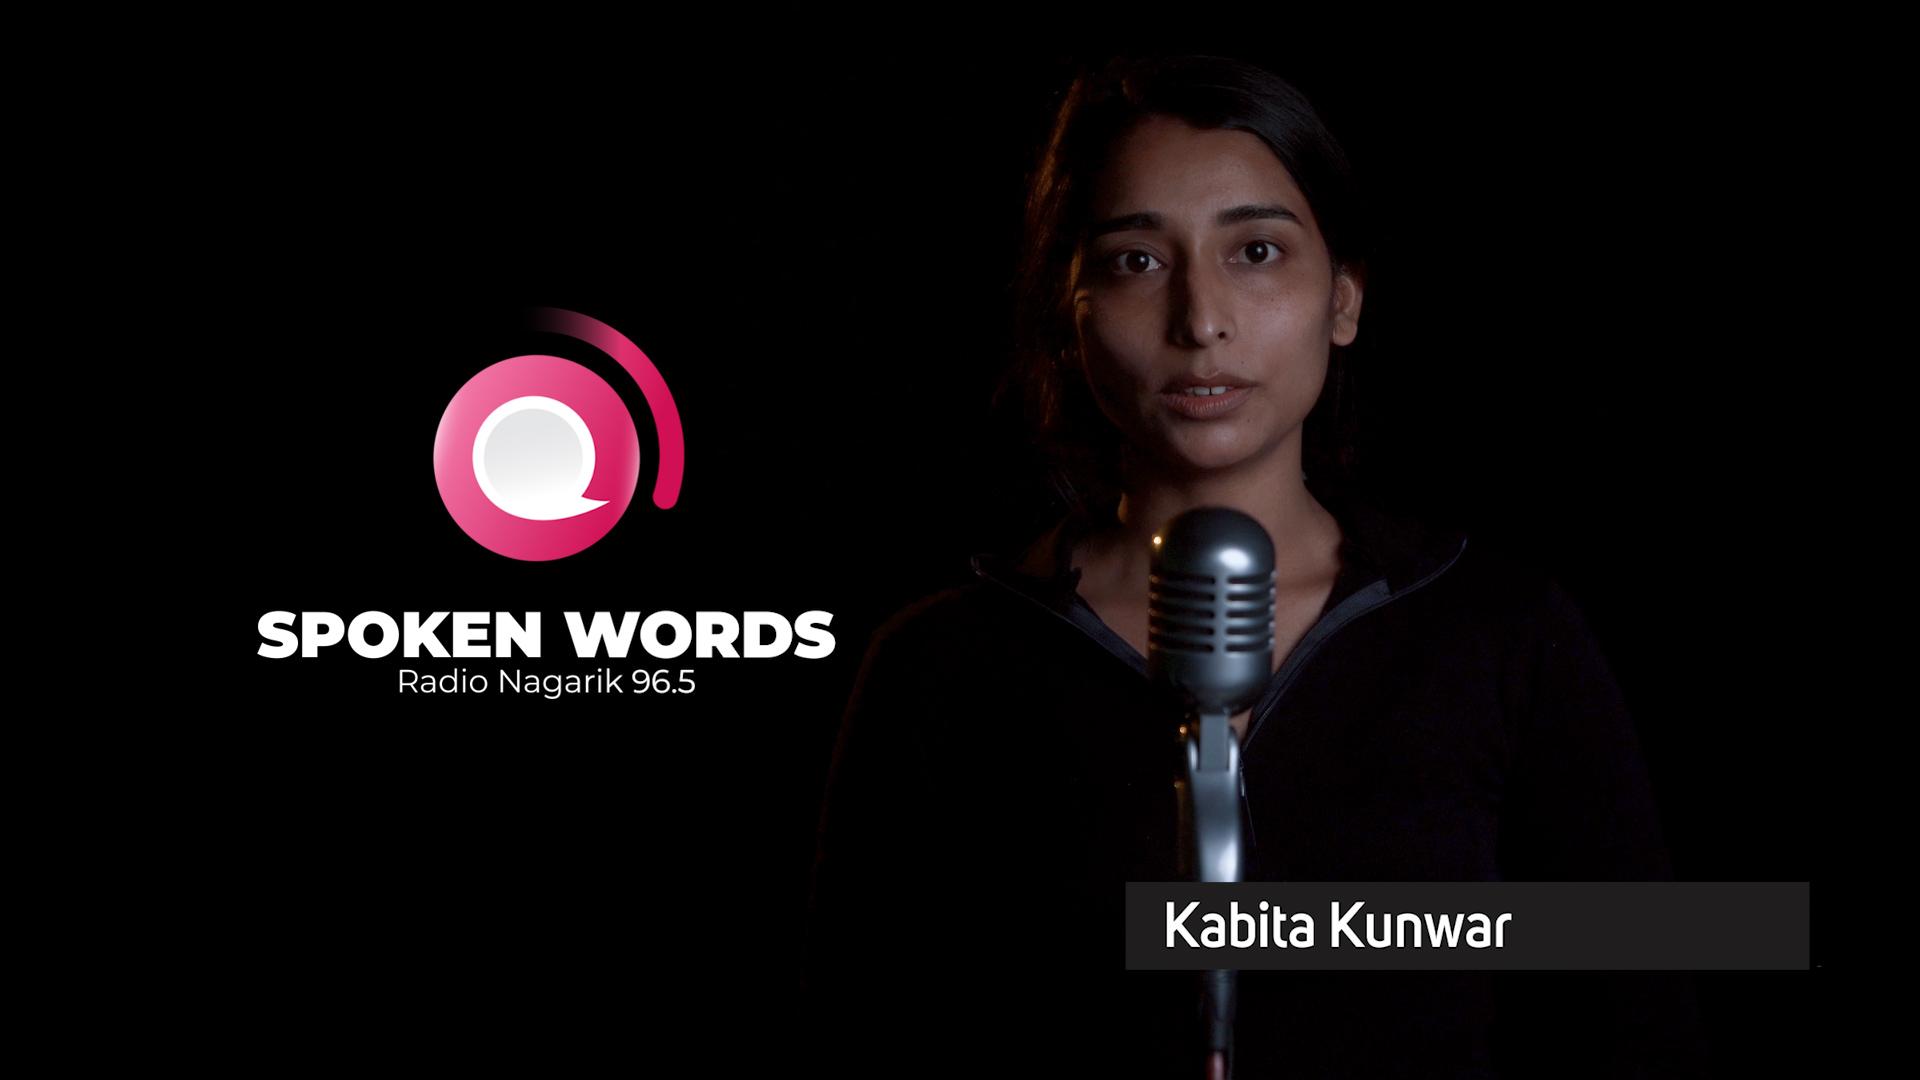 Bibeksheel / Spoken Words performed by  Kabita Kunwar | Slam Poetry Nepal